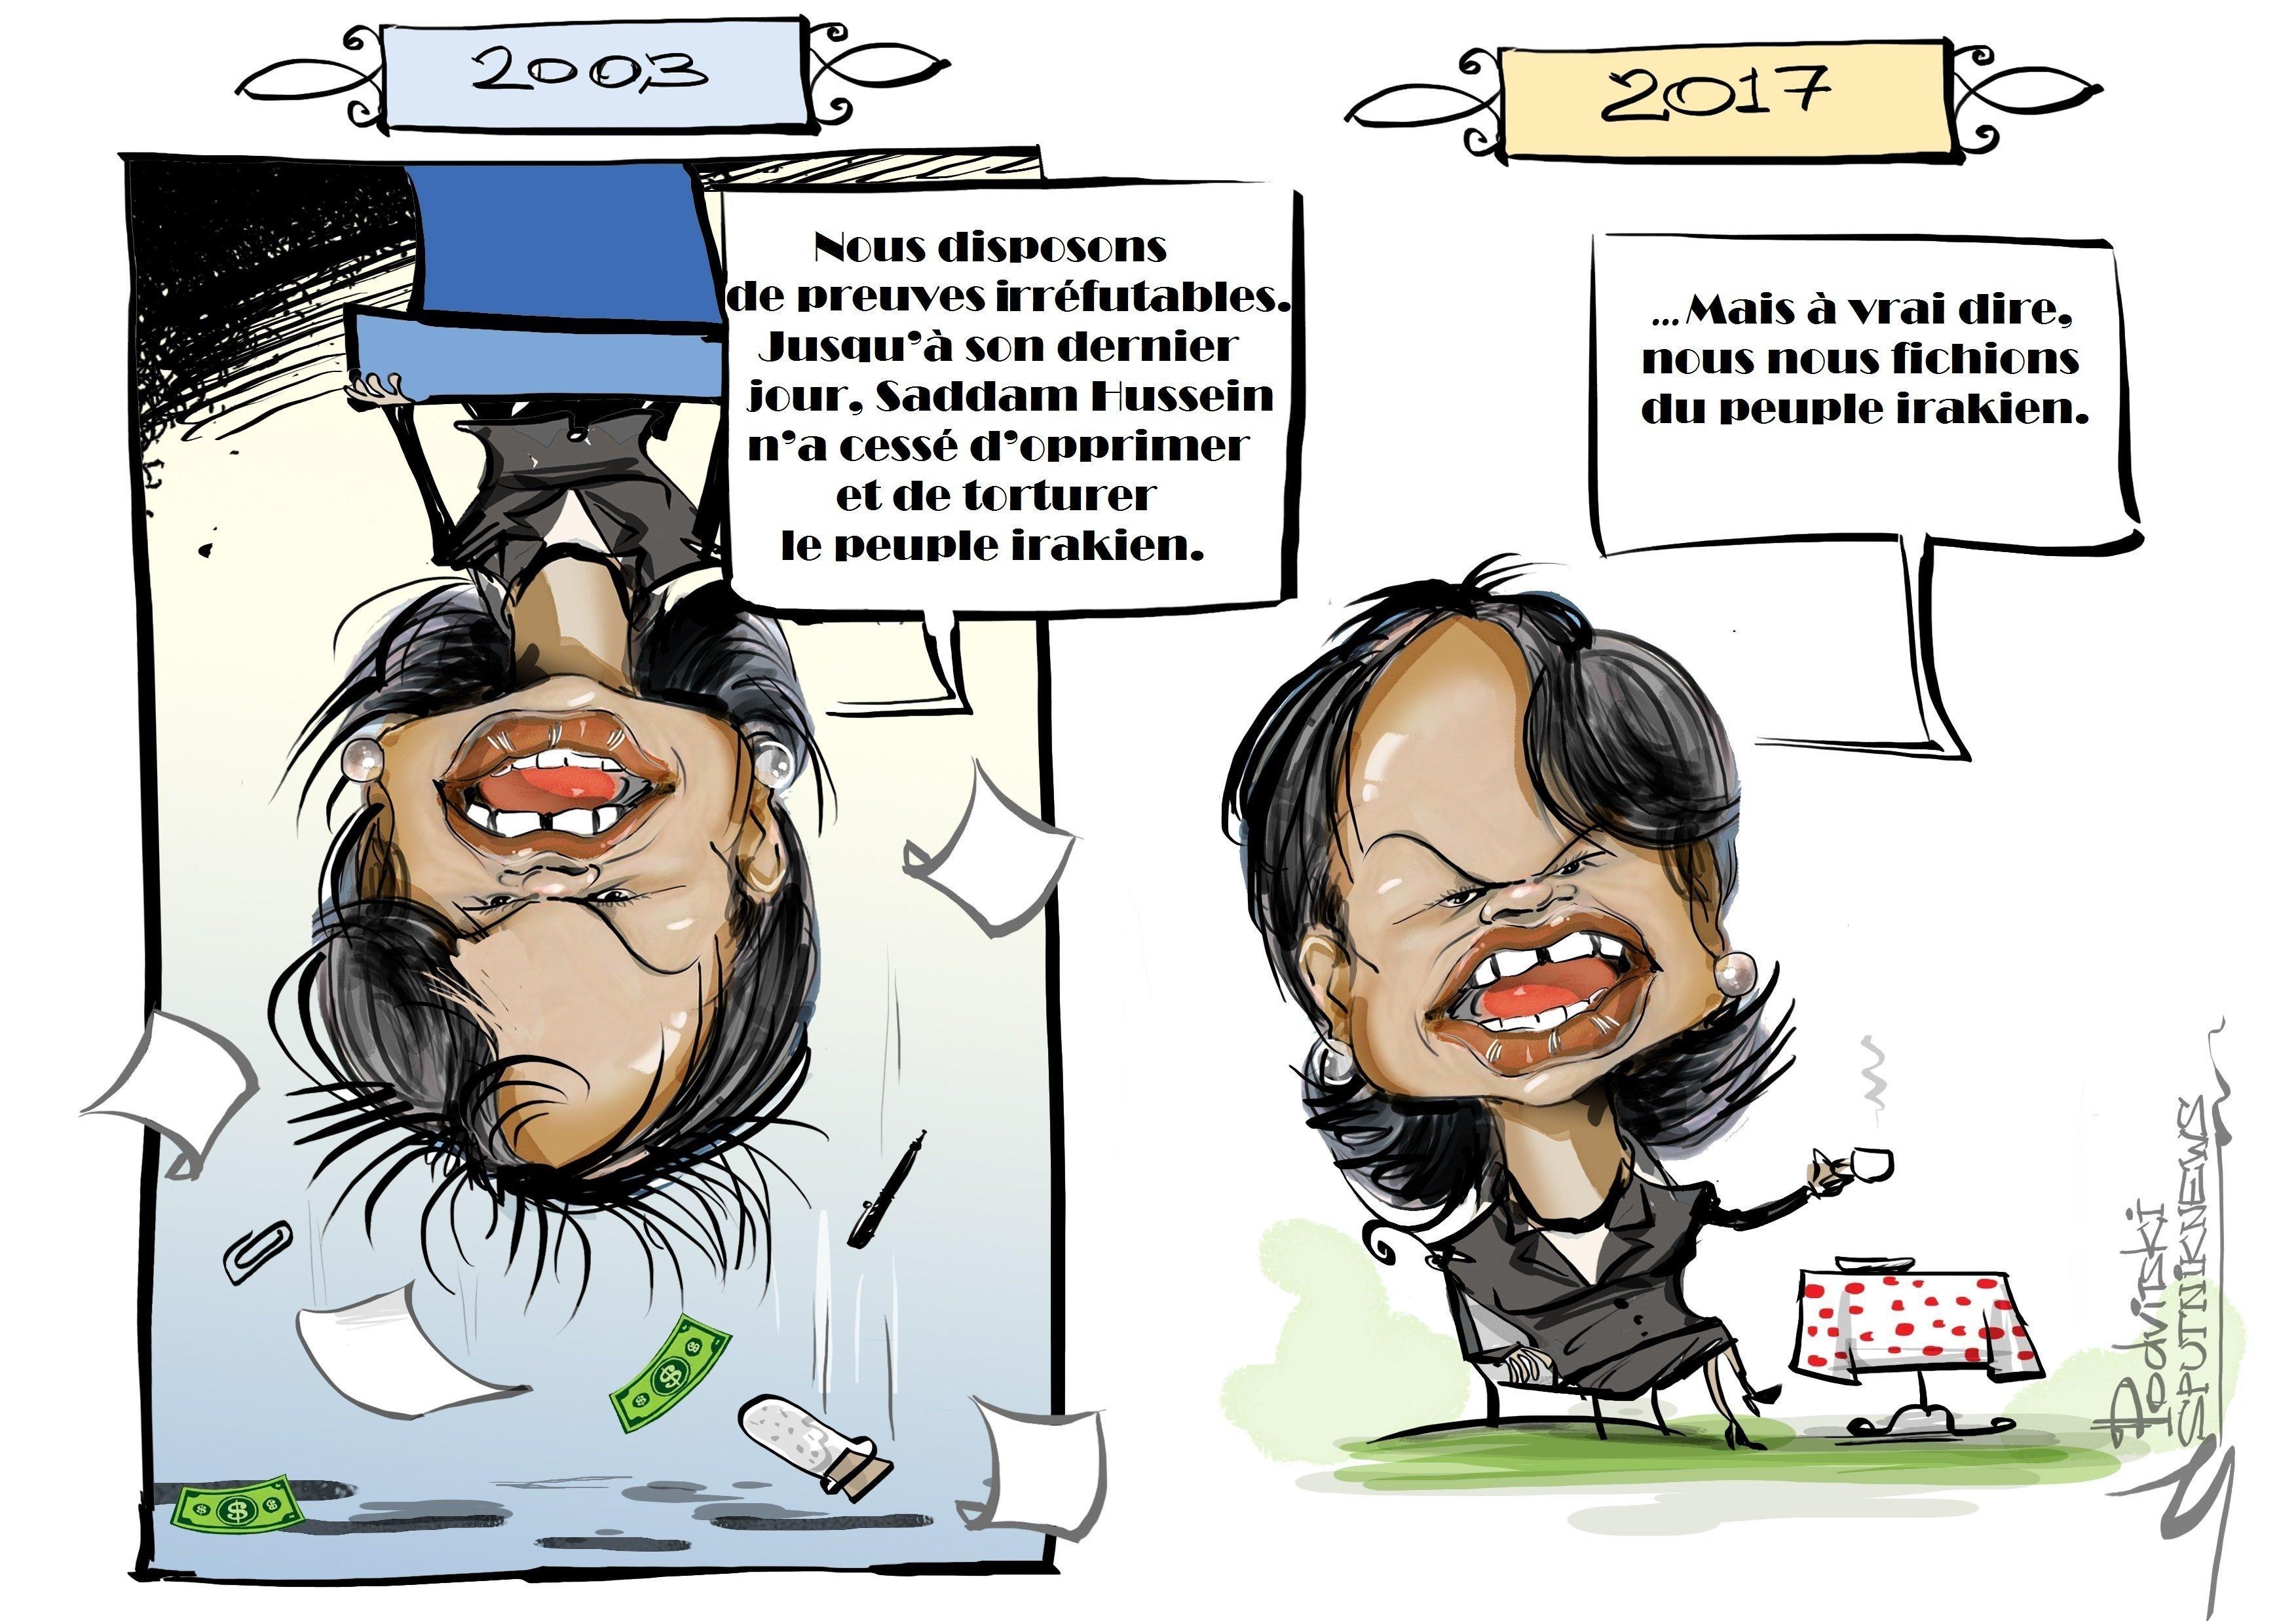 Condoleezza Rice nomme le véritable but poursuivi par les USA lors de l'invasion de l'Irak